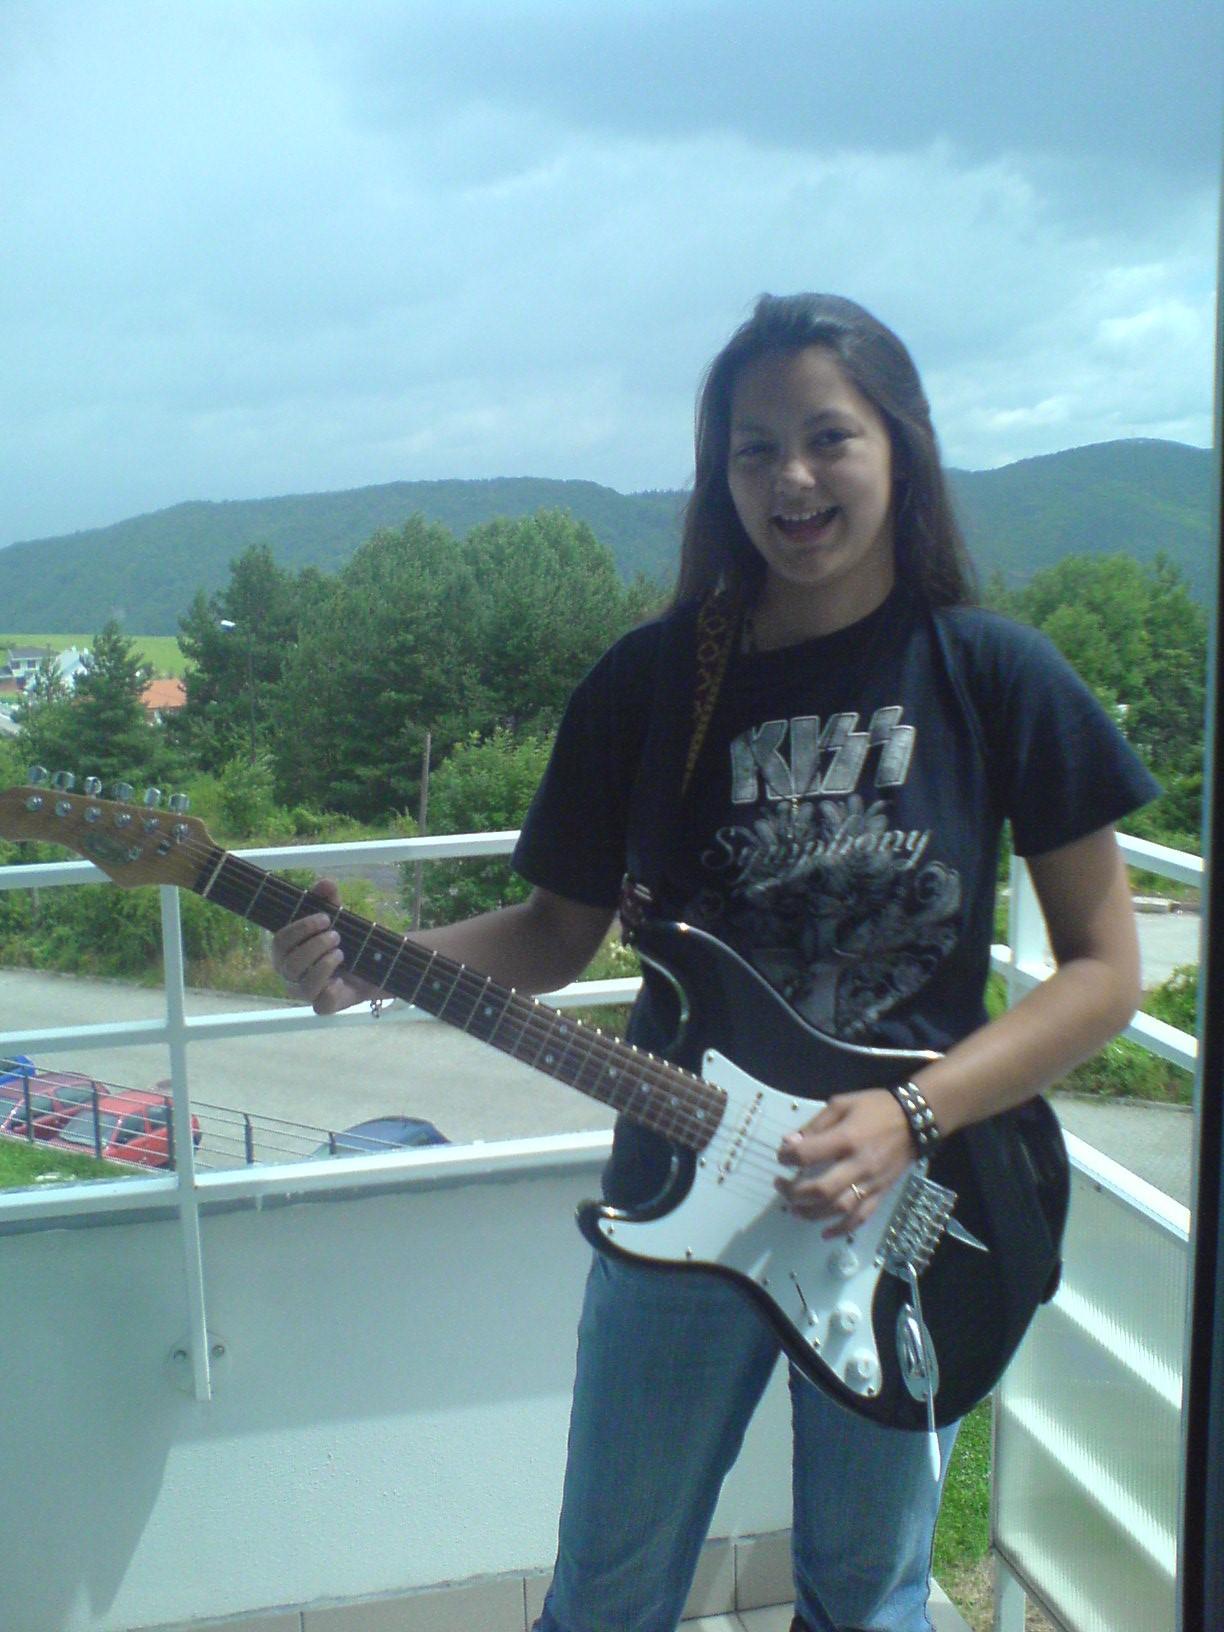 2007, čtrnáctiletá já. Na kytaru jsem tehdy hrála půl roku a to díky kapele na mém tričku